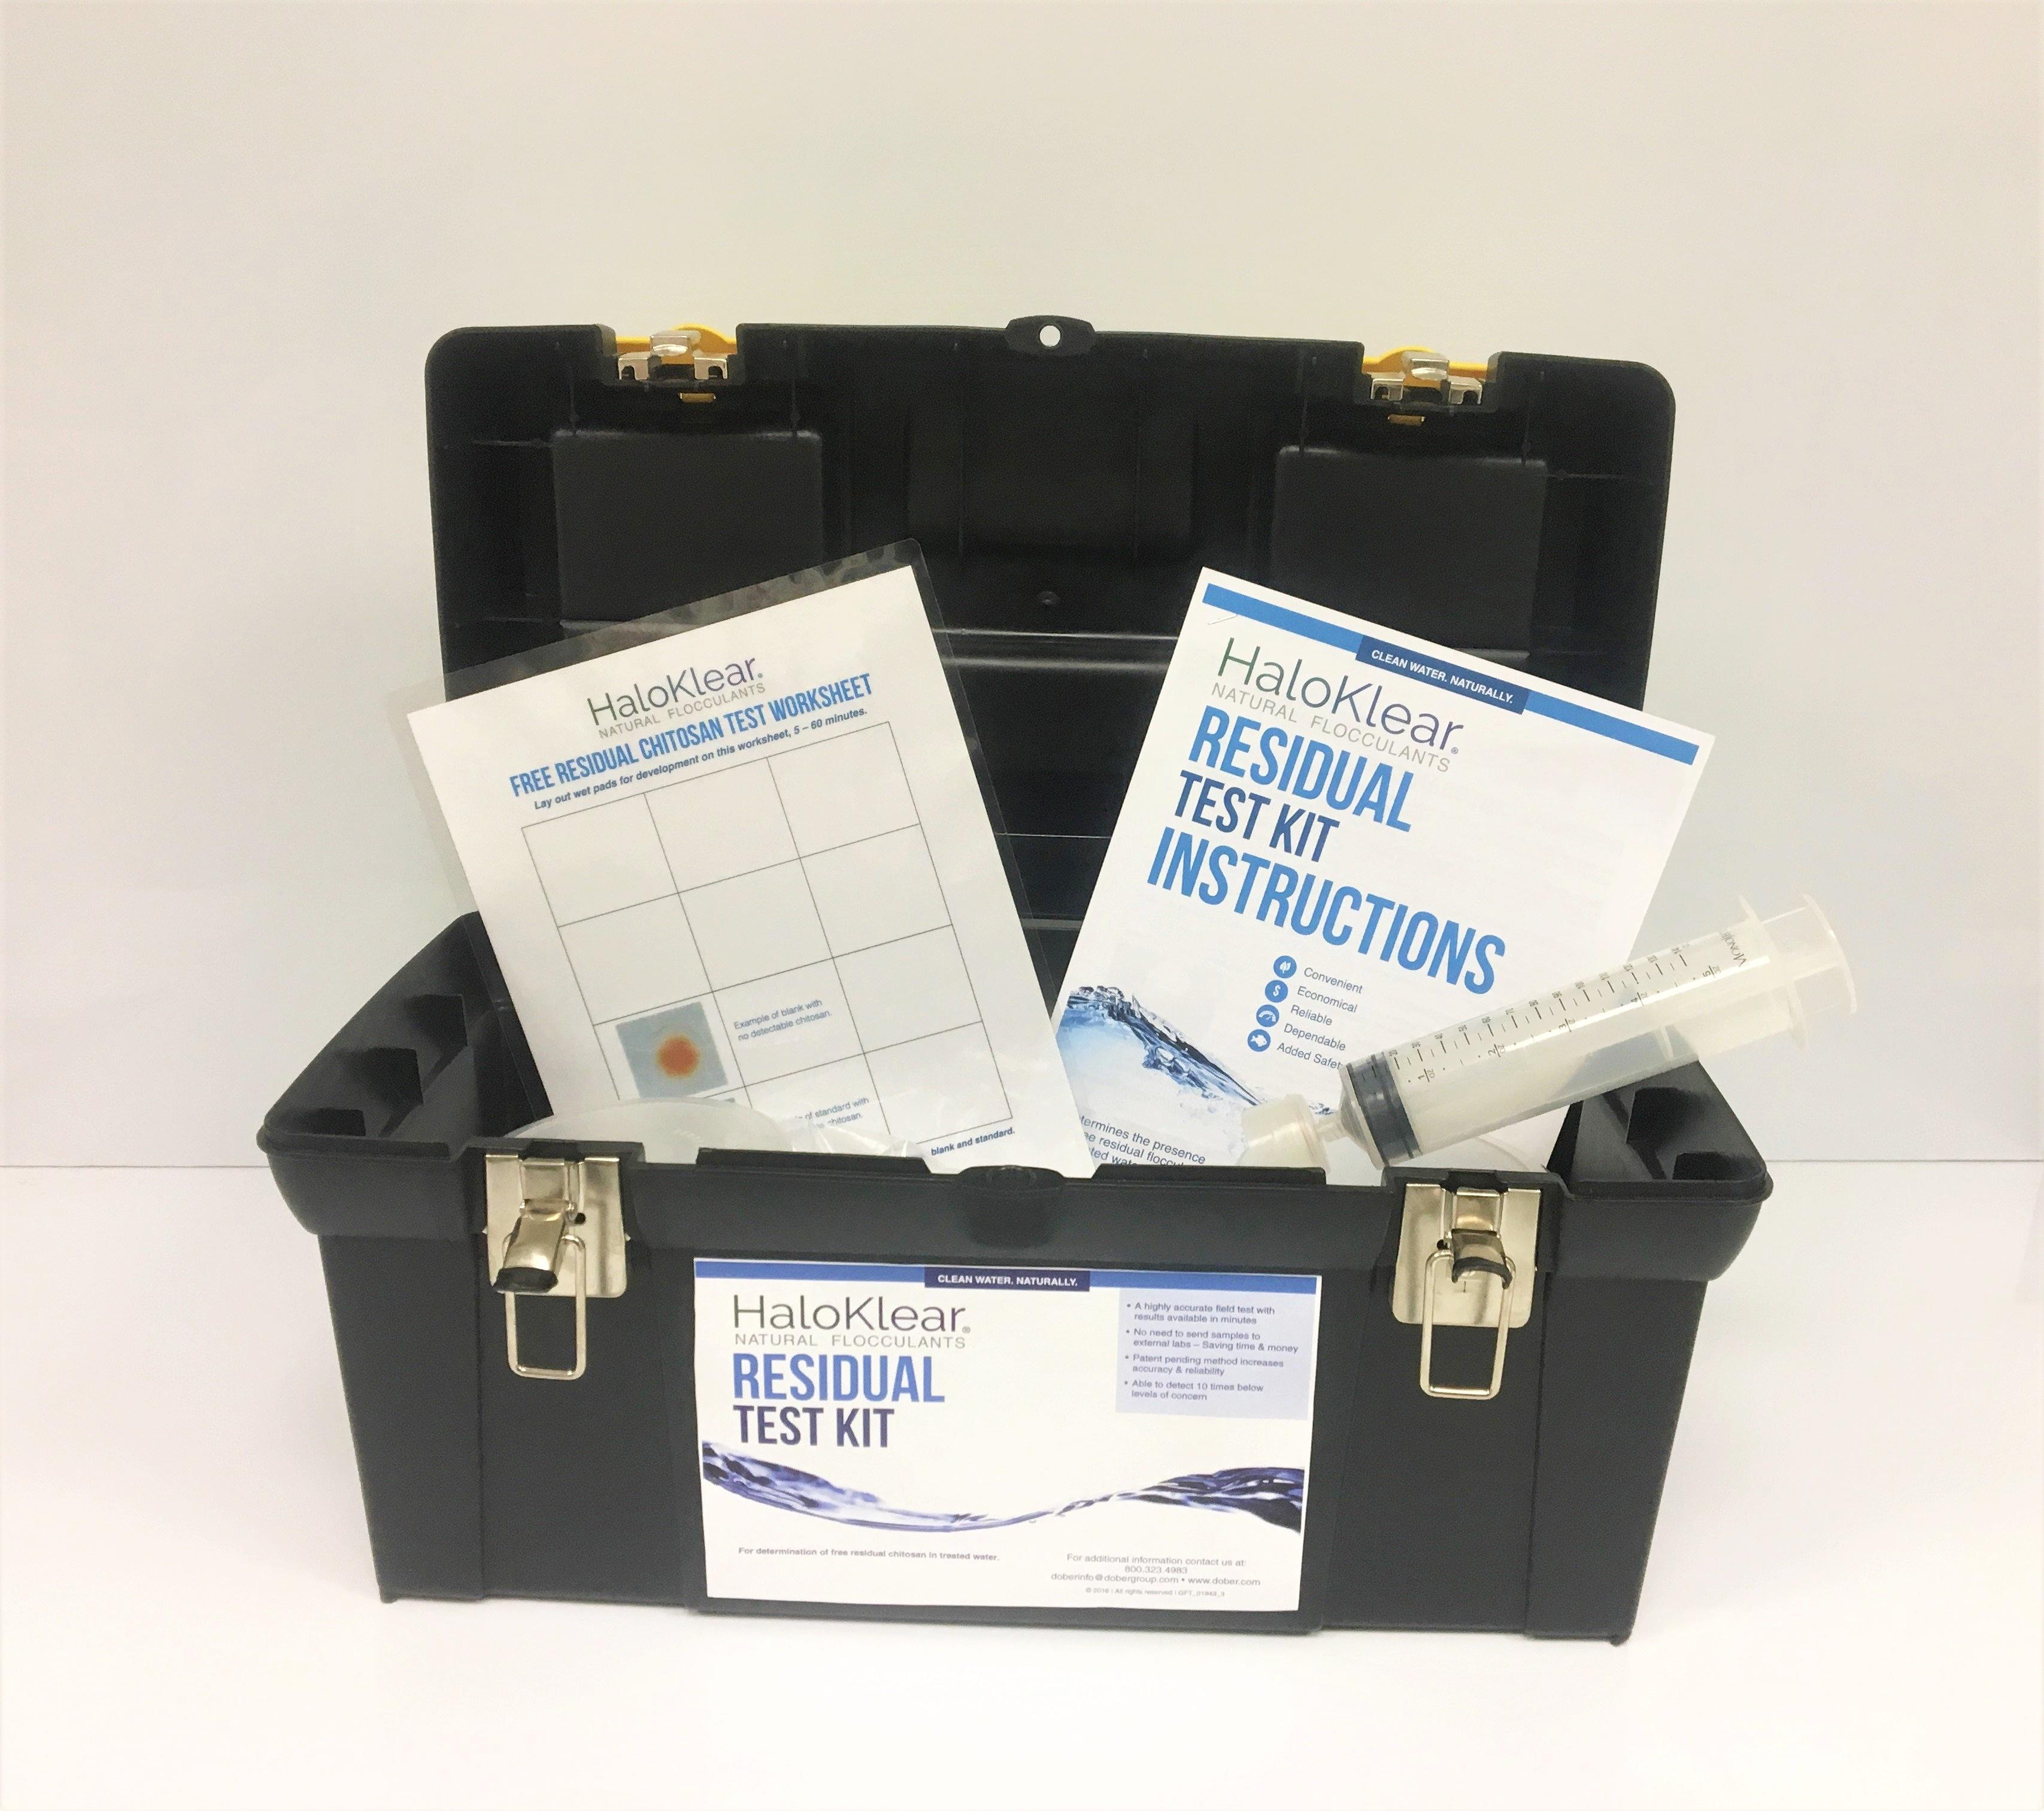 residual test kit-1-244891-edited